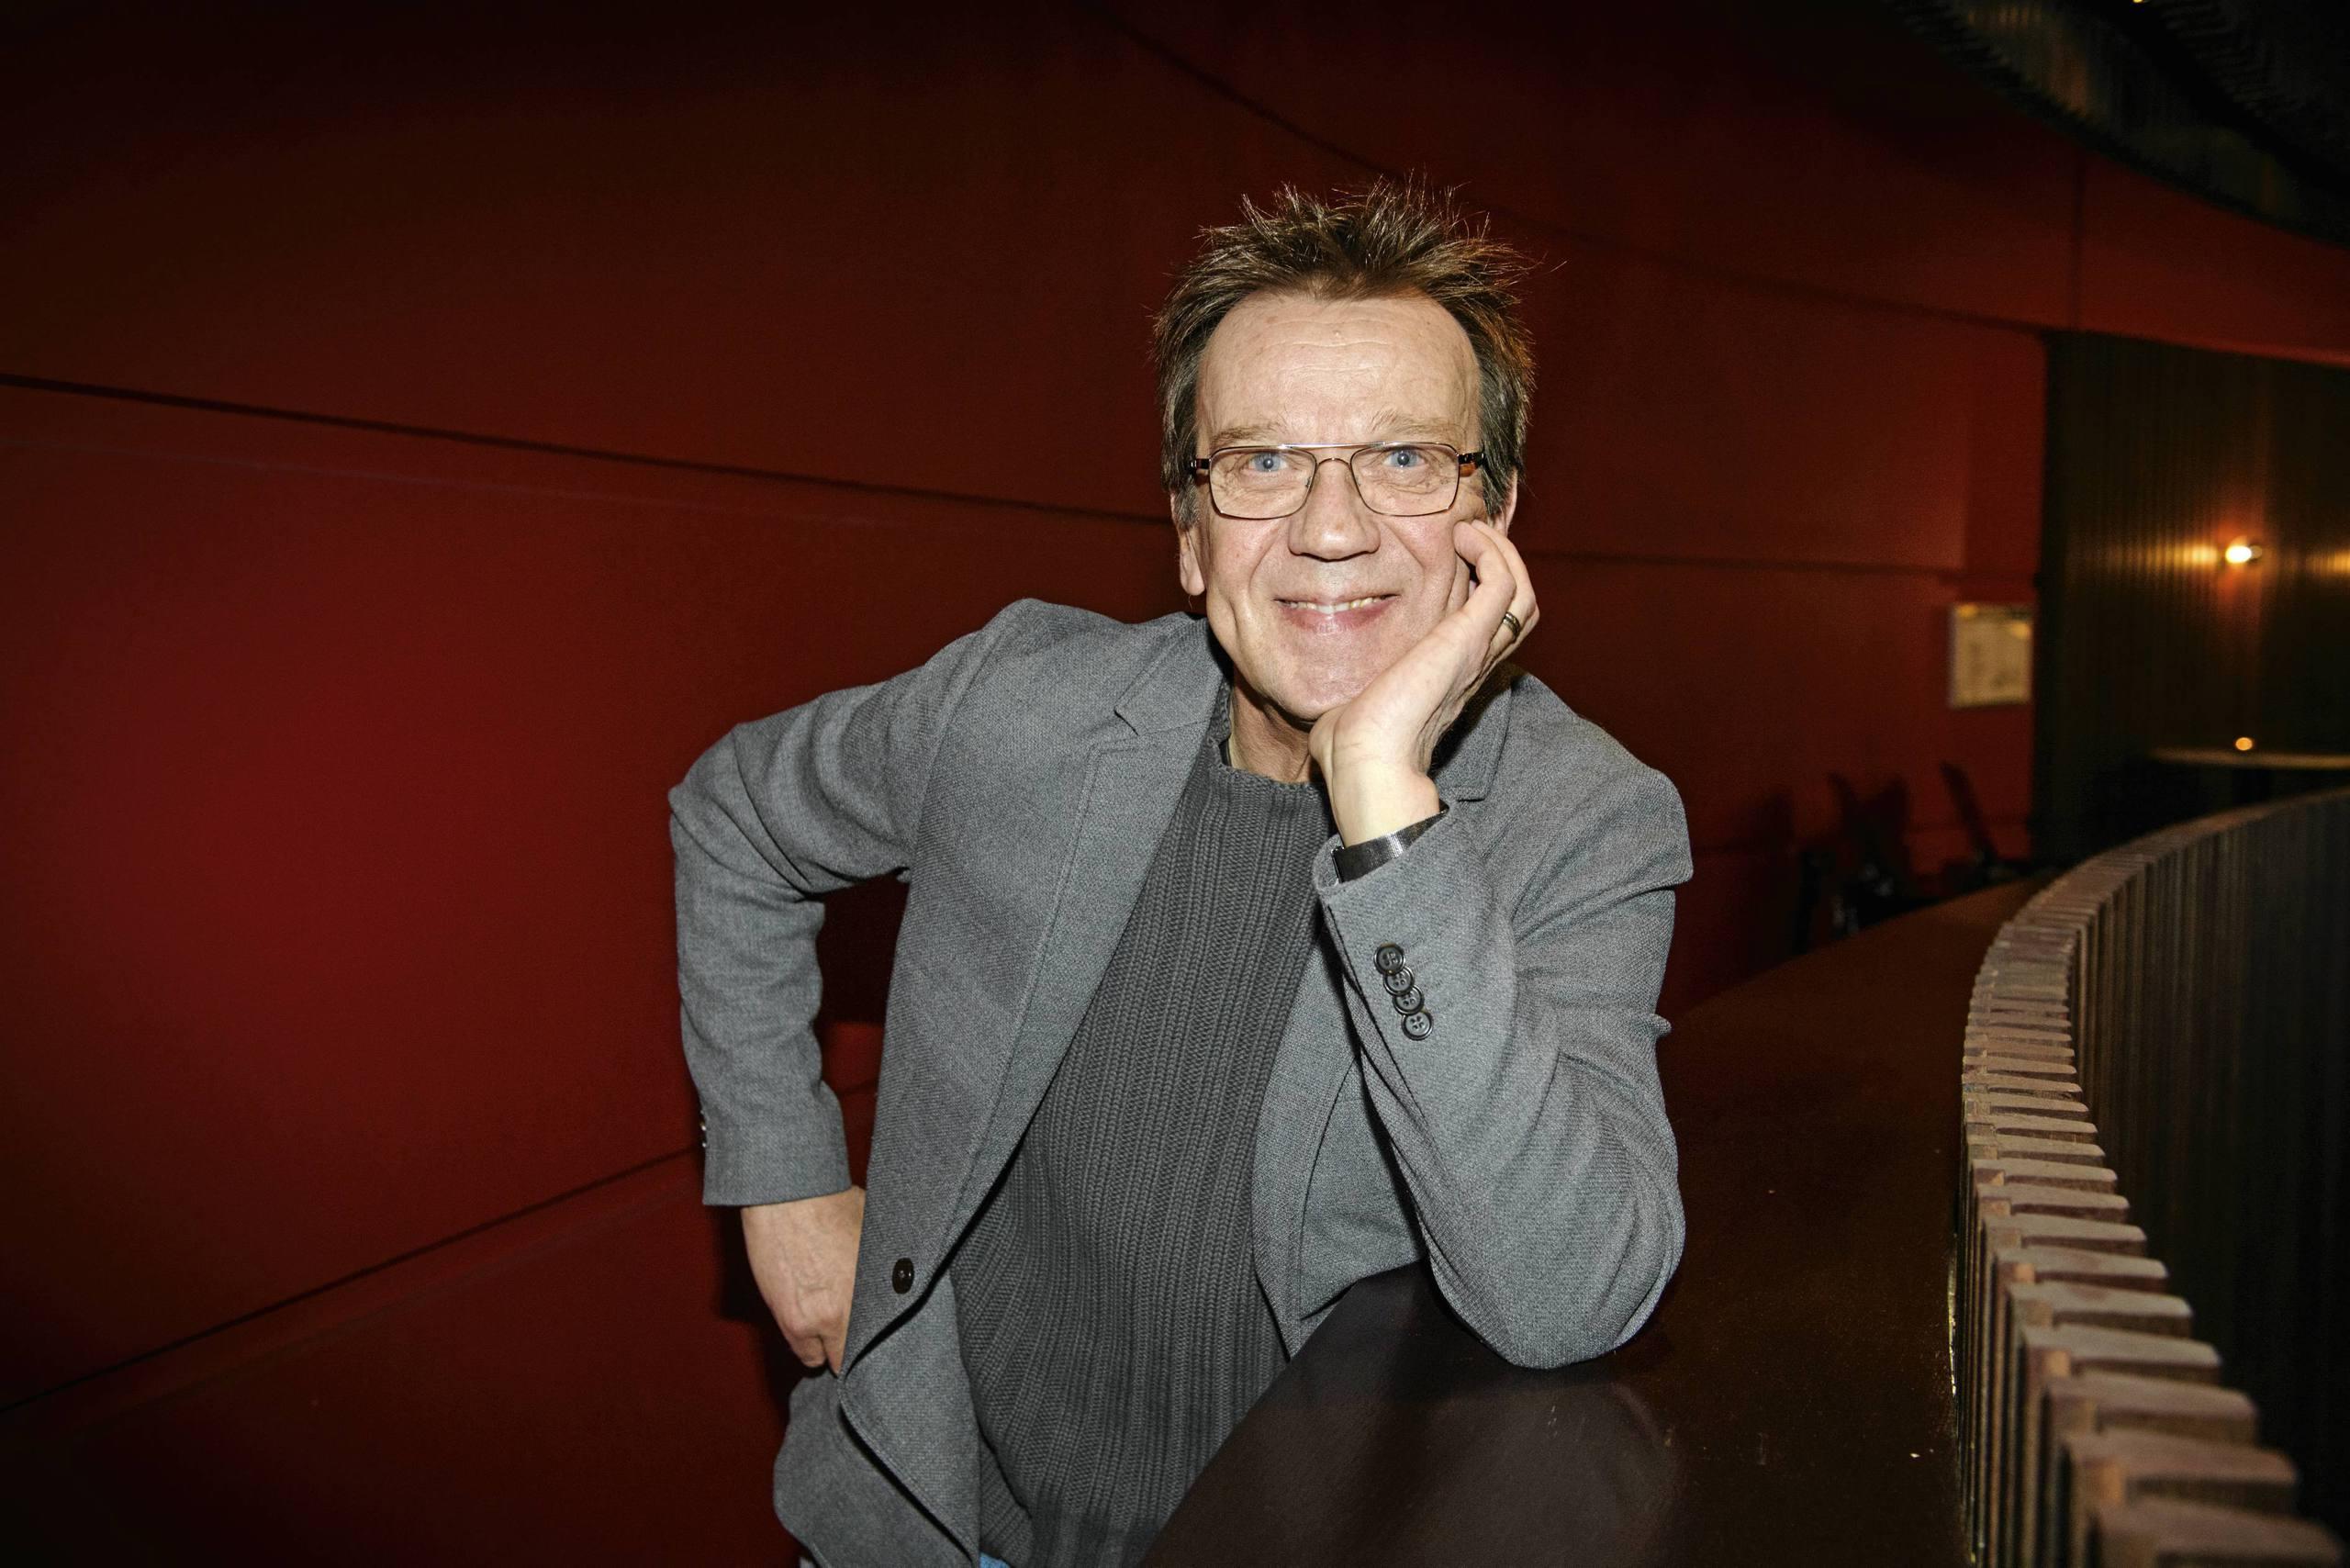 vilken kändis fyller år idag Björn Skifs fyller 70 år i dag vilken kändis fyller år idag